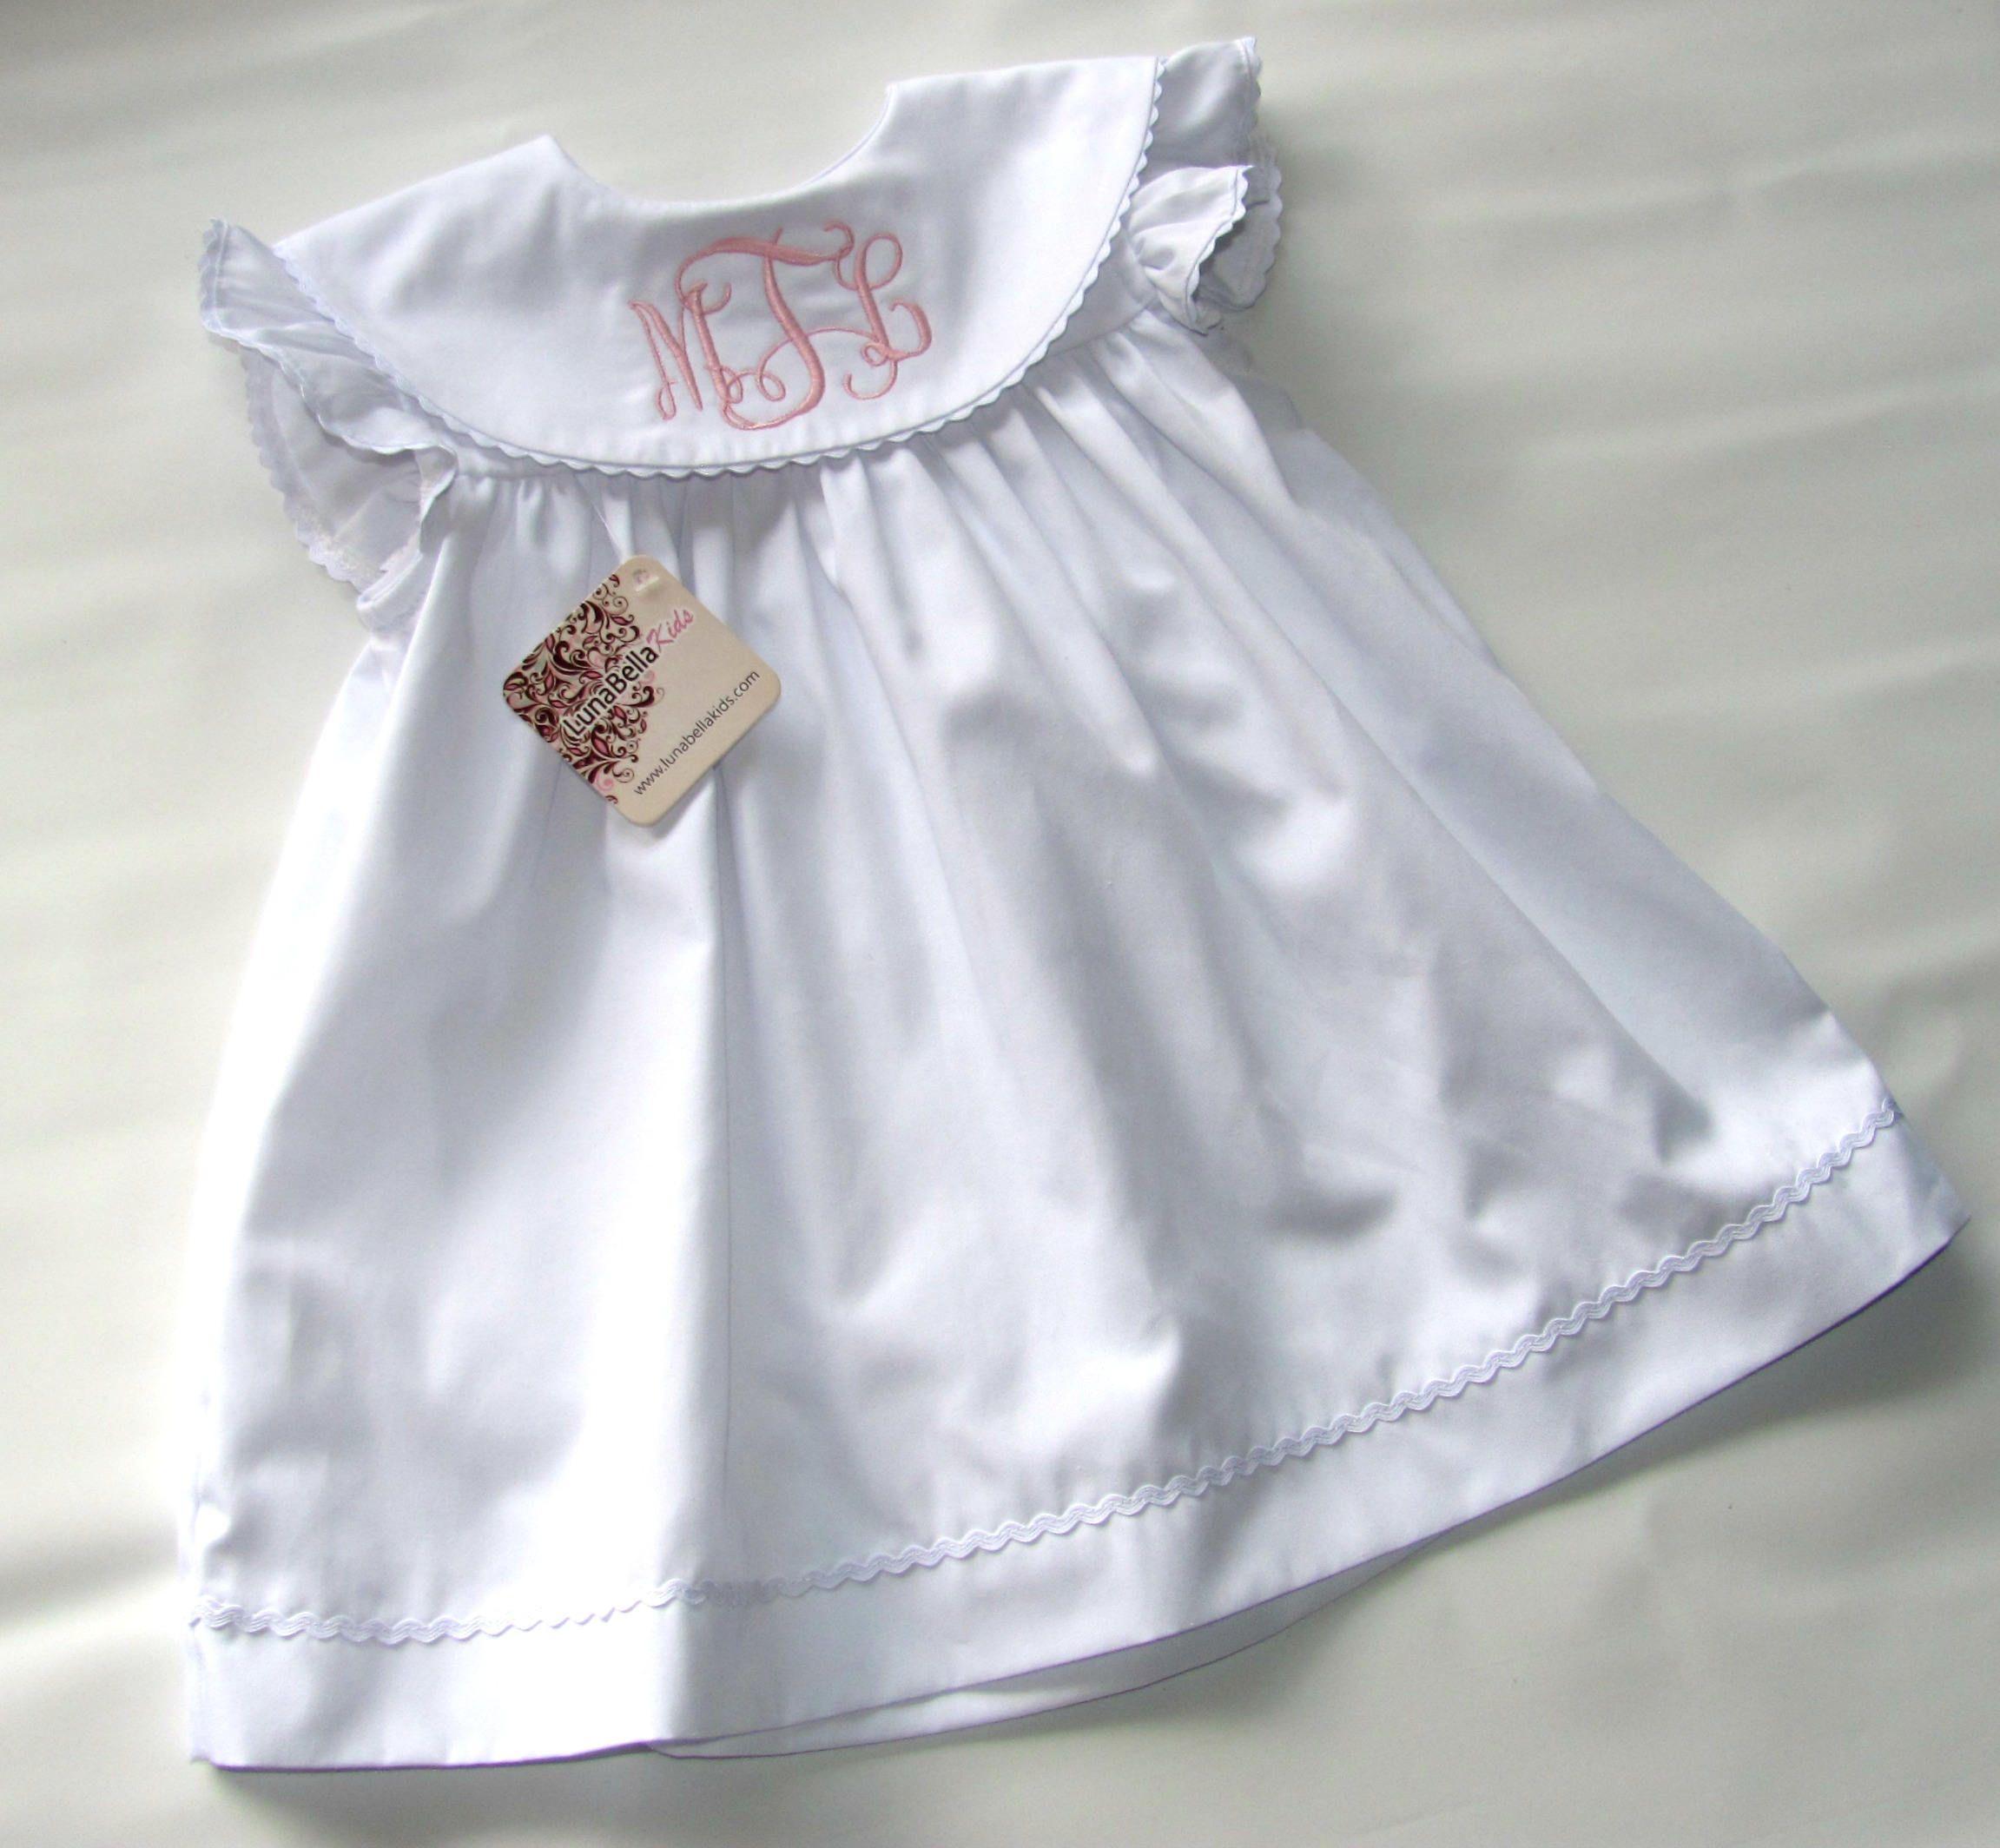 Girls Monogrammed Dress Easter Dress White Monogram Dress Toddler Monogram Dress Christening Dress Baby Baptism Dress Monogrammed Dress Monogram Girls Dress Baptism Dress [ 2128 x 2303 Pixel ]